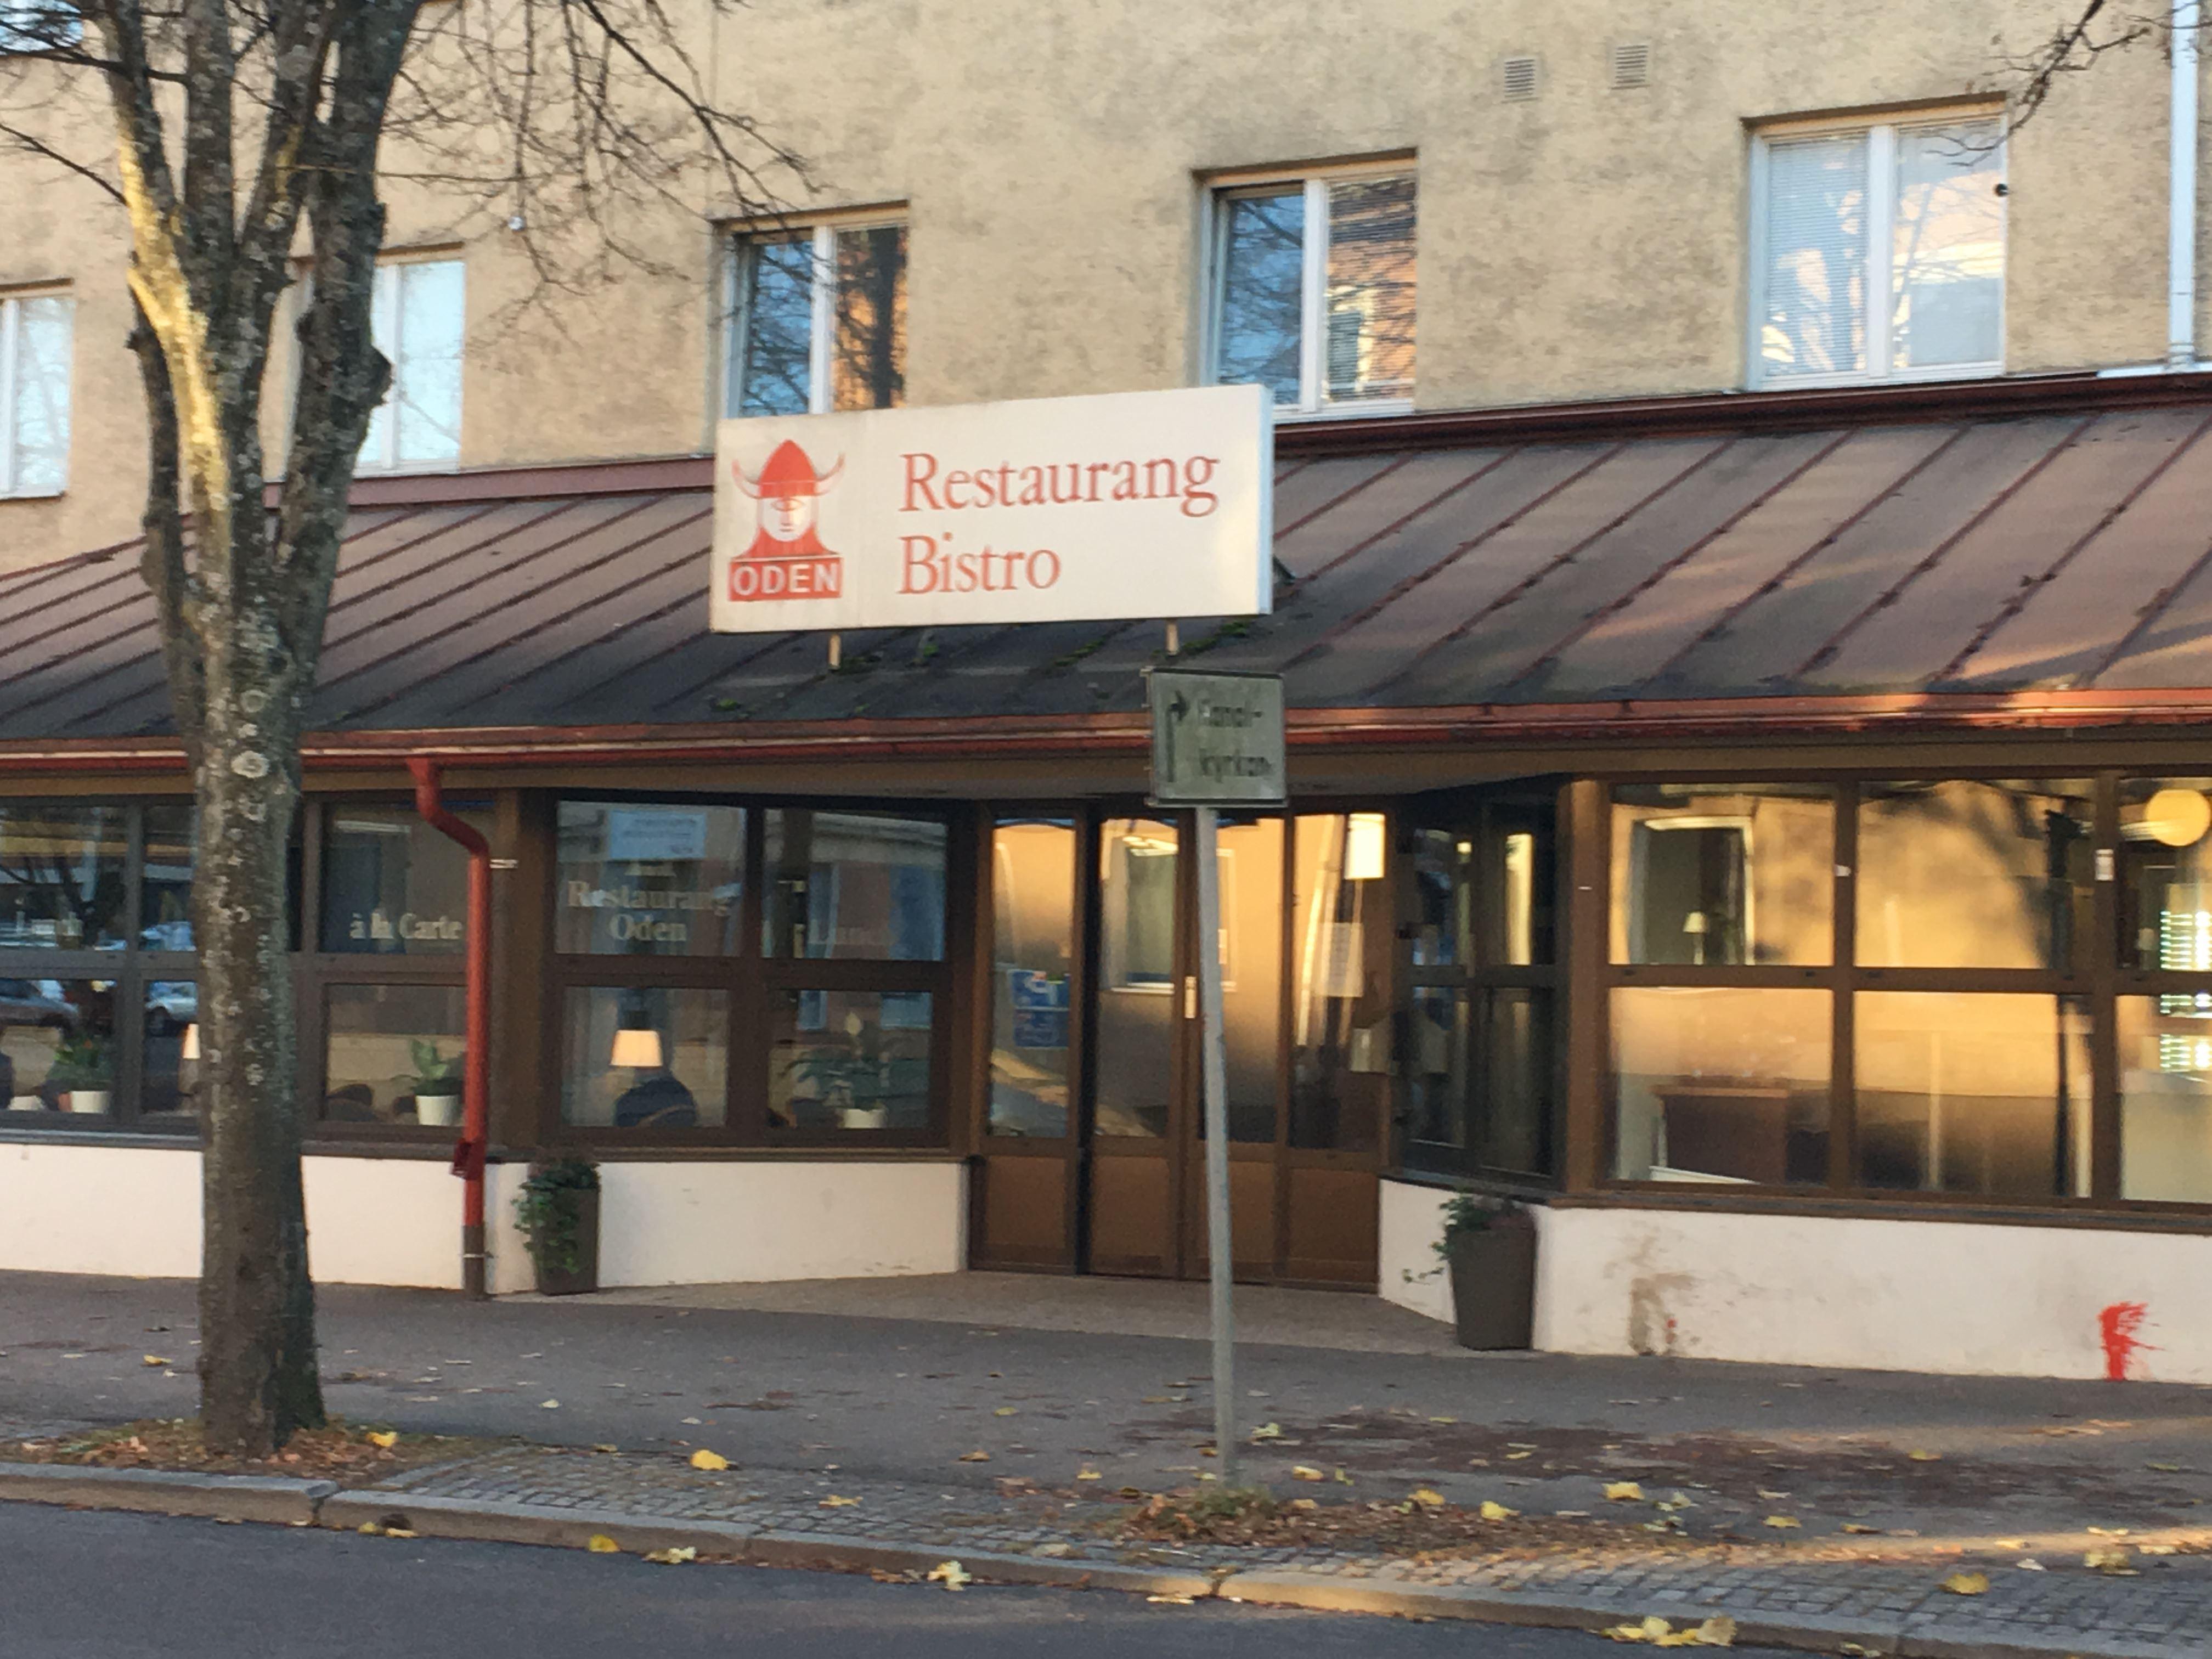 Restaurang Bistro Oden